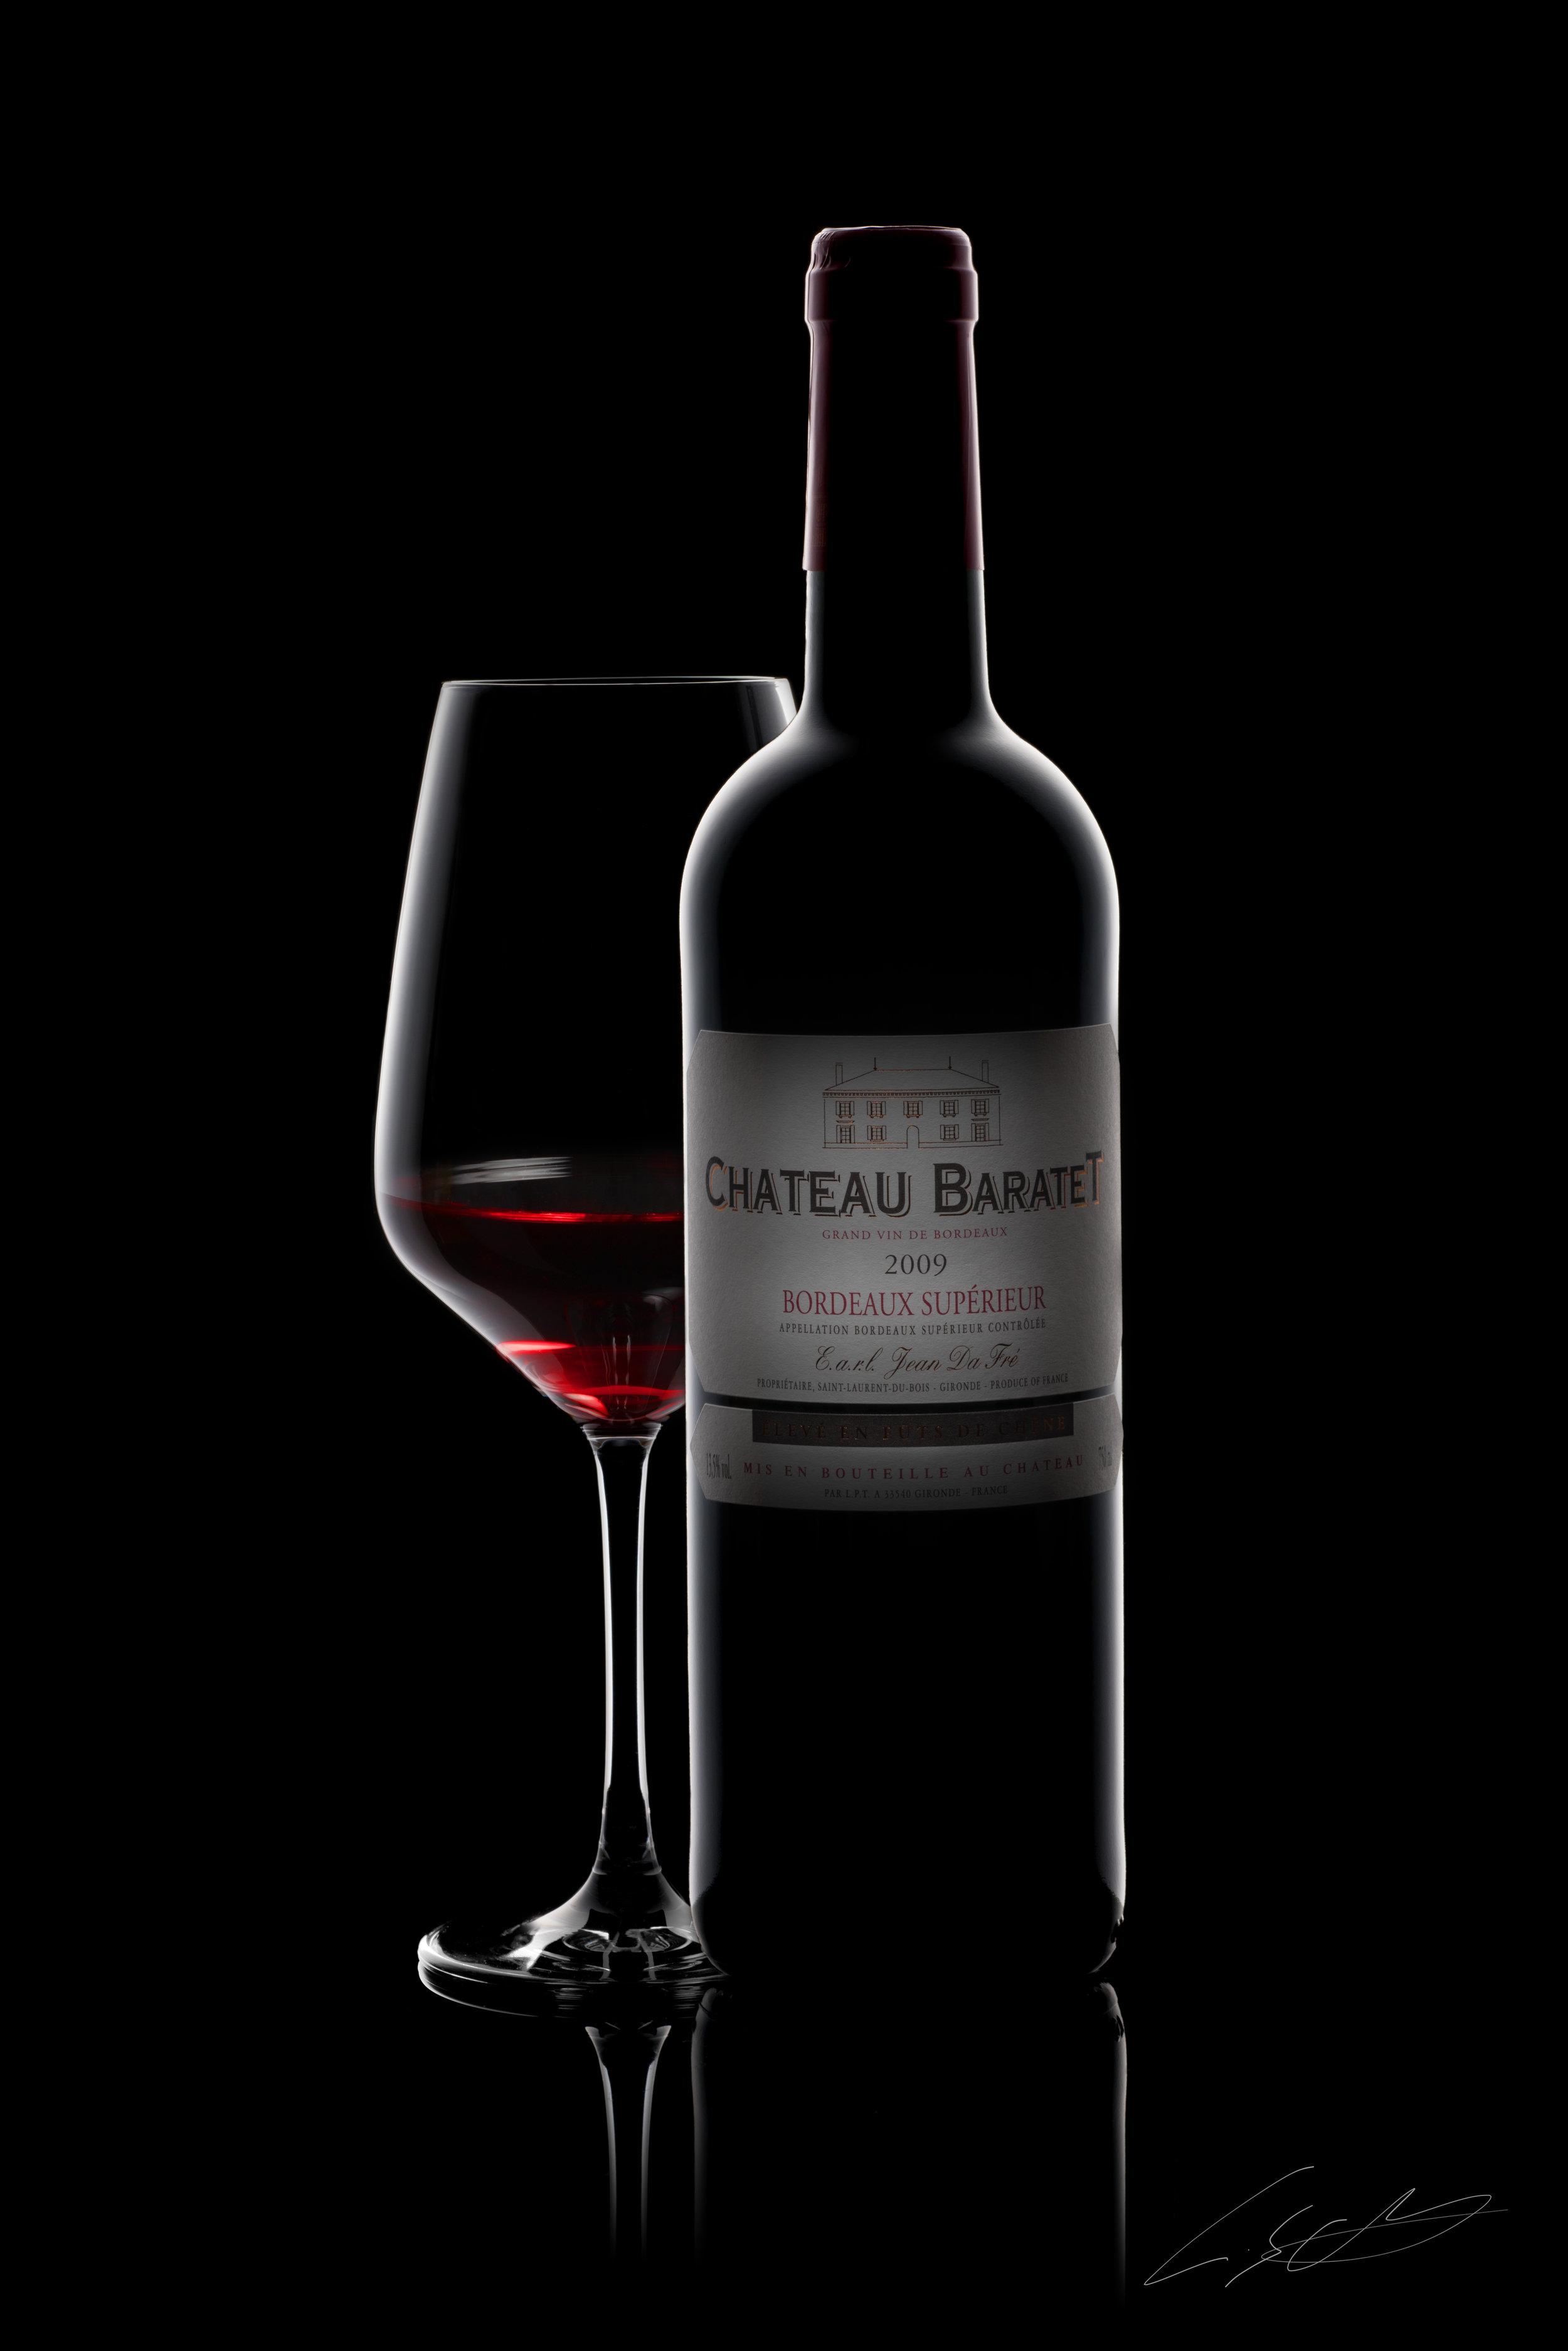 Lukas_Schwarmat_MM17-W1B_Mtrk46812_wine.jpg